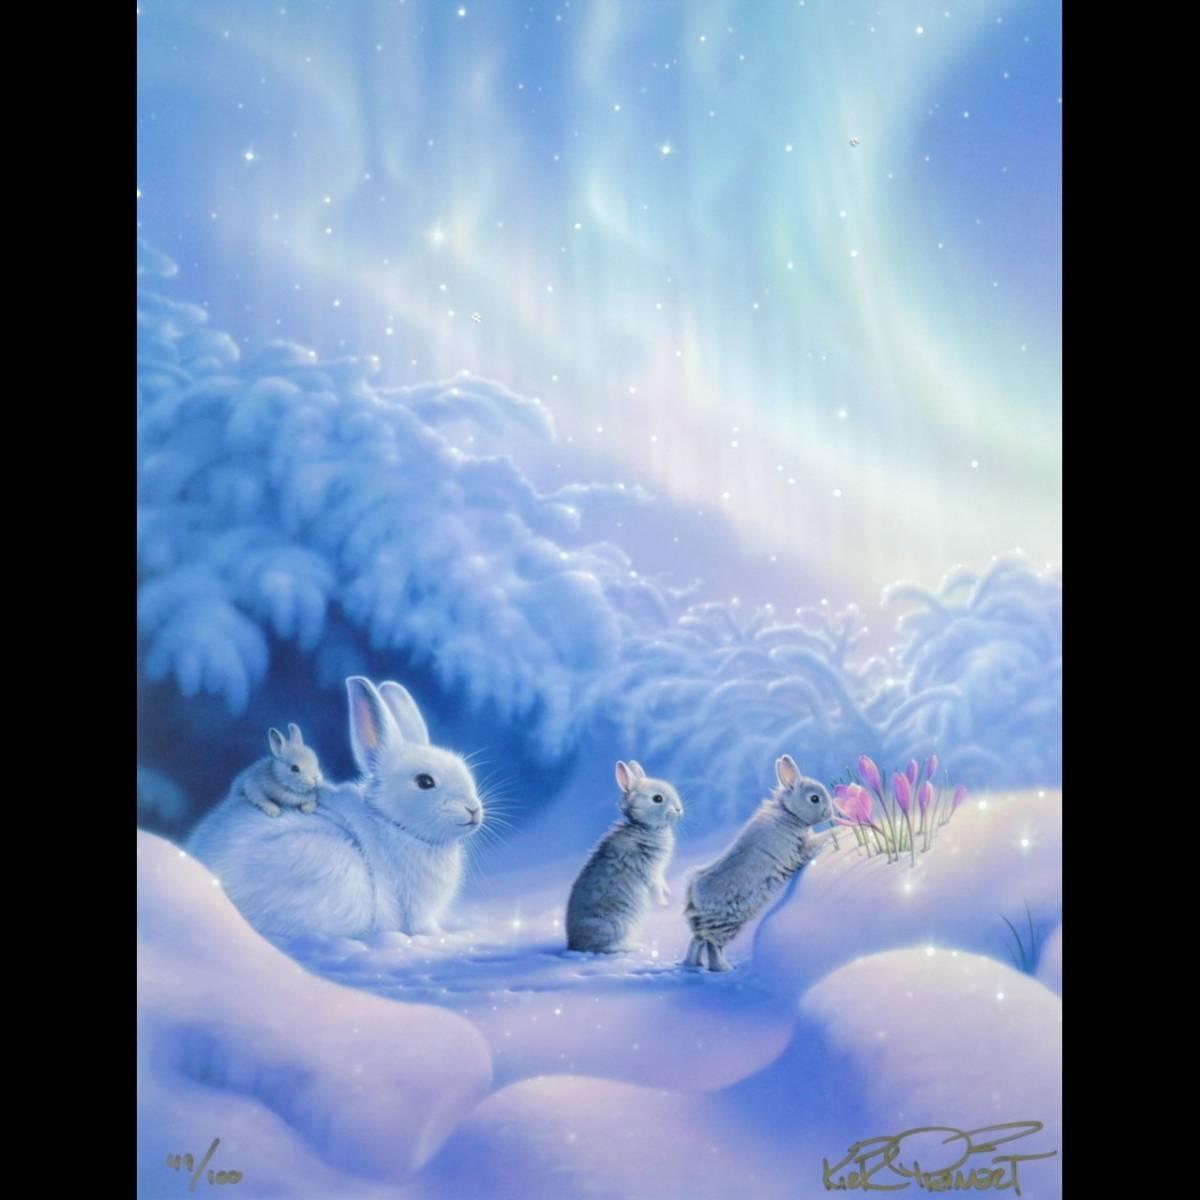 ◆廻◆ 真作保証 カーク・レイナート 「スナグルバニーズ」 シバクローム 49/100 直筆サイン 保証書付 T[N180]SR/11ET/(120)